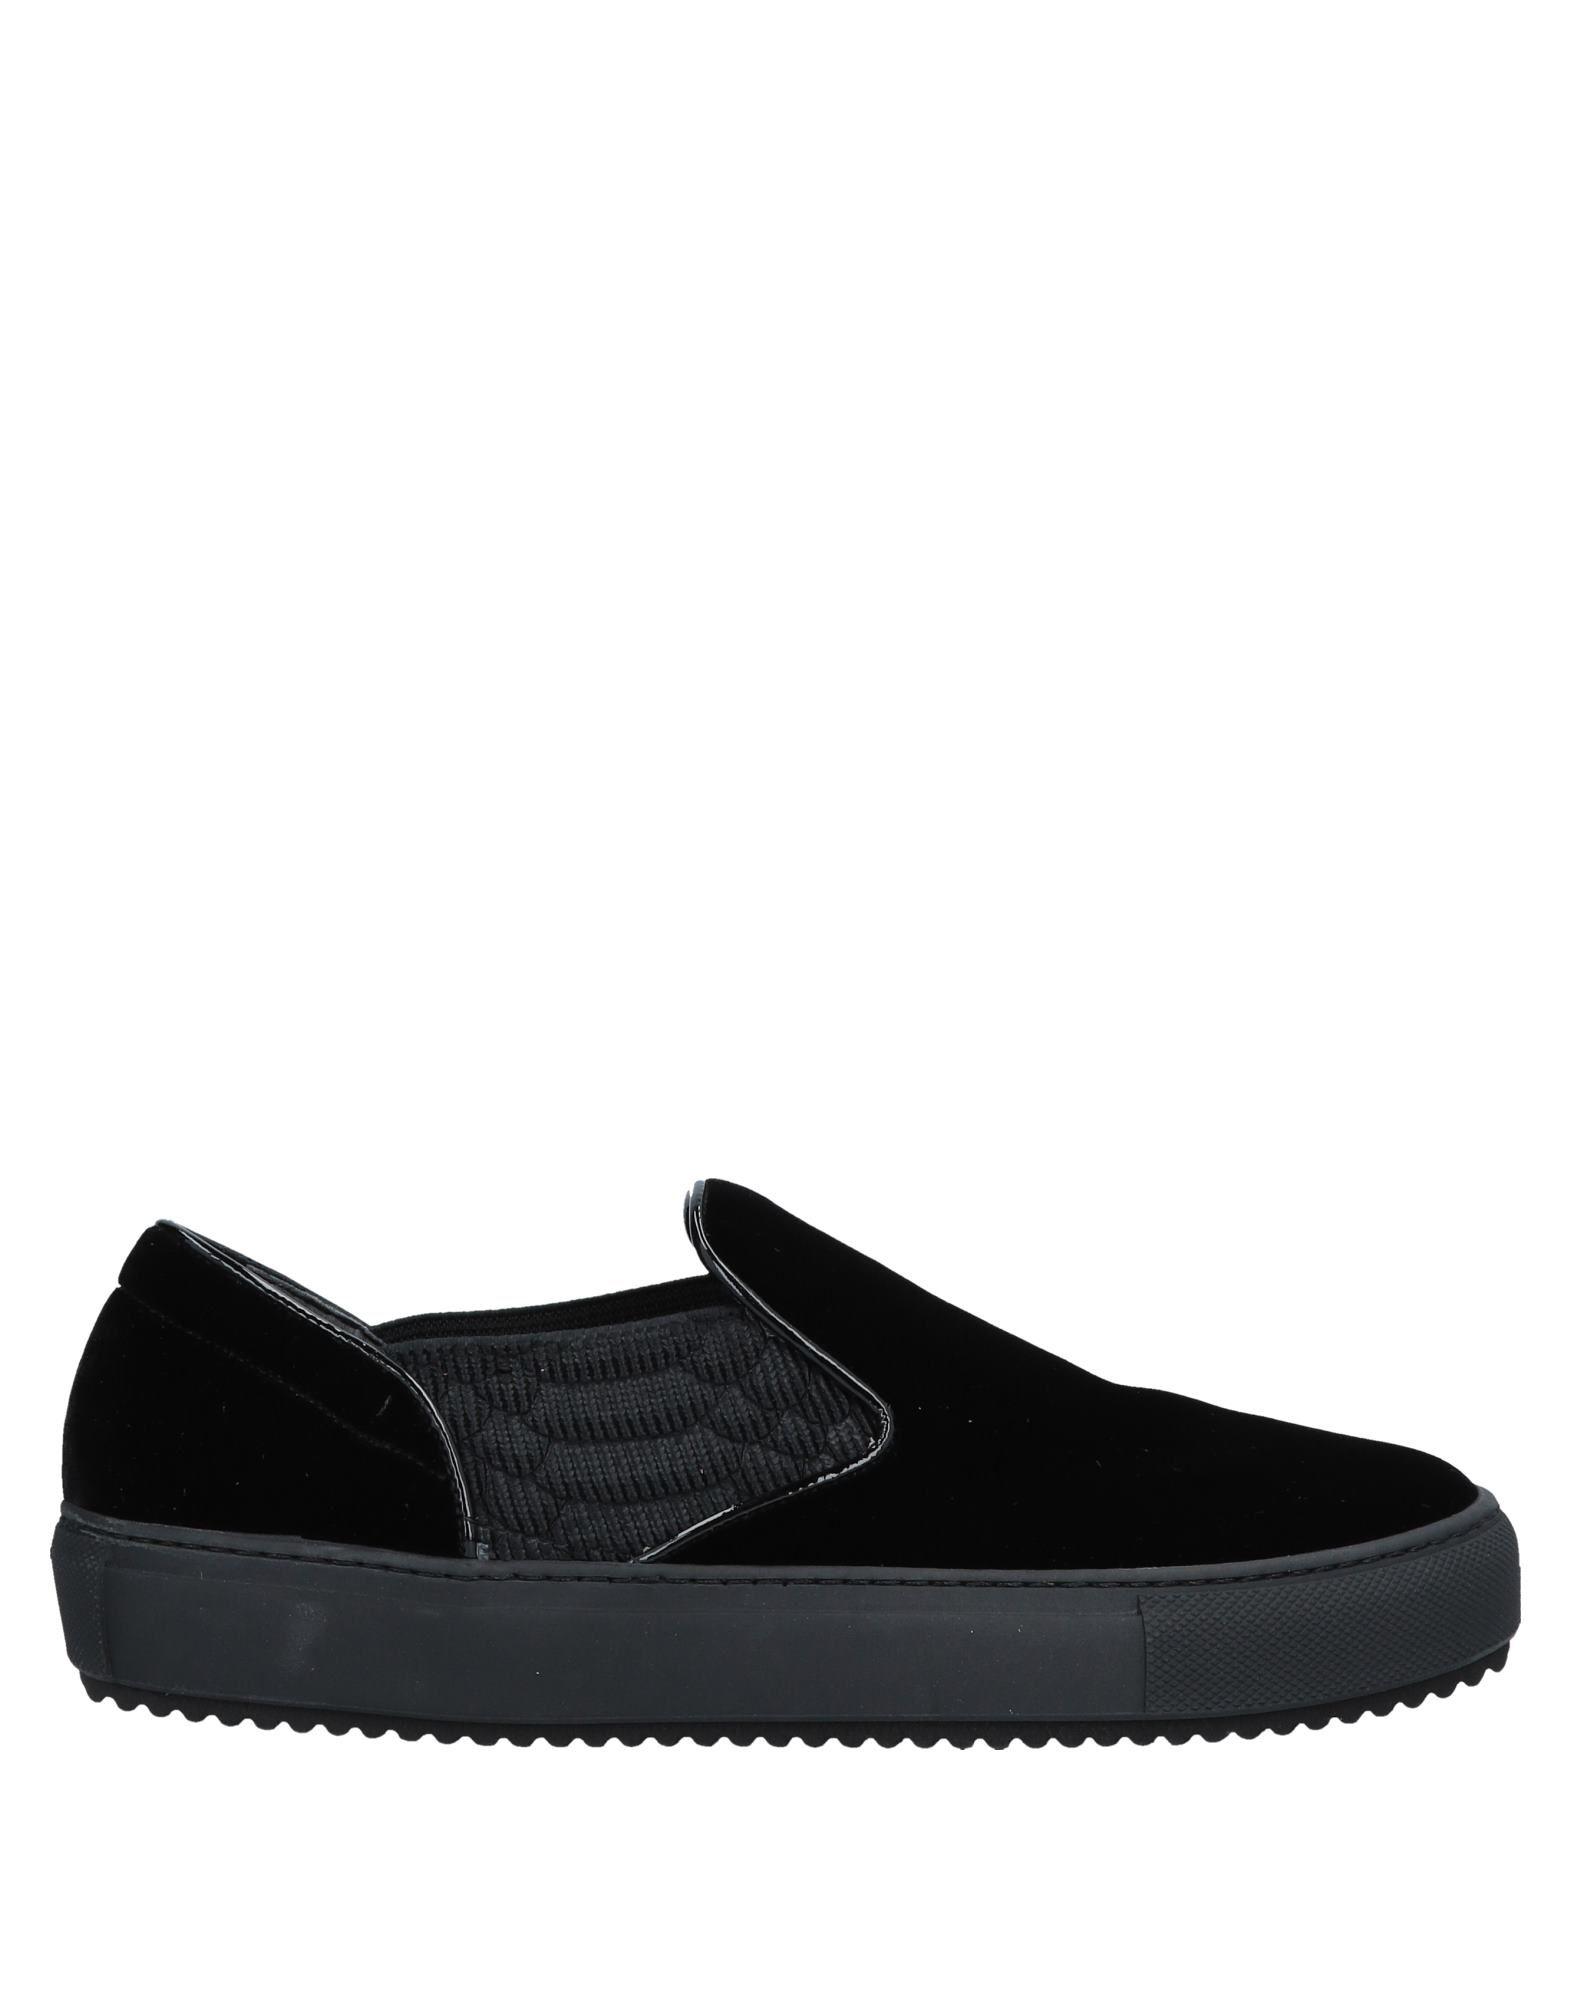 Negro Zapatillas L' L' L' Autre Chose Mujer - Zapatillas L' Autre Chose Tiempo limitado especial 87bb43